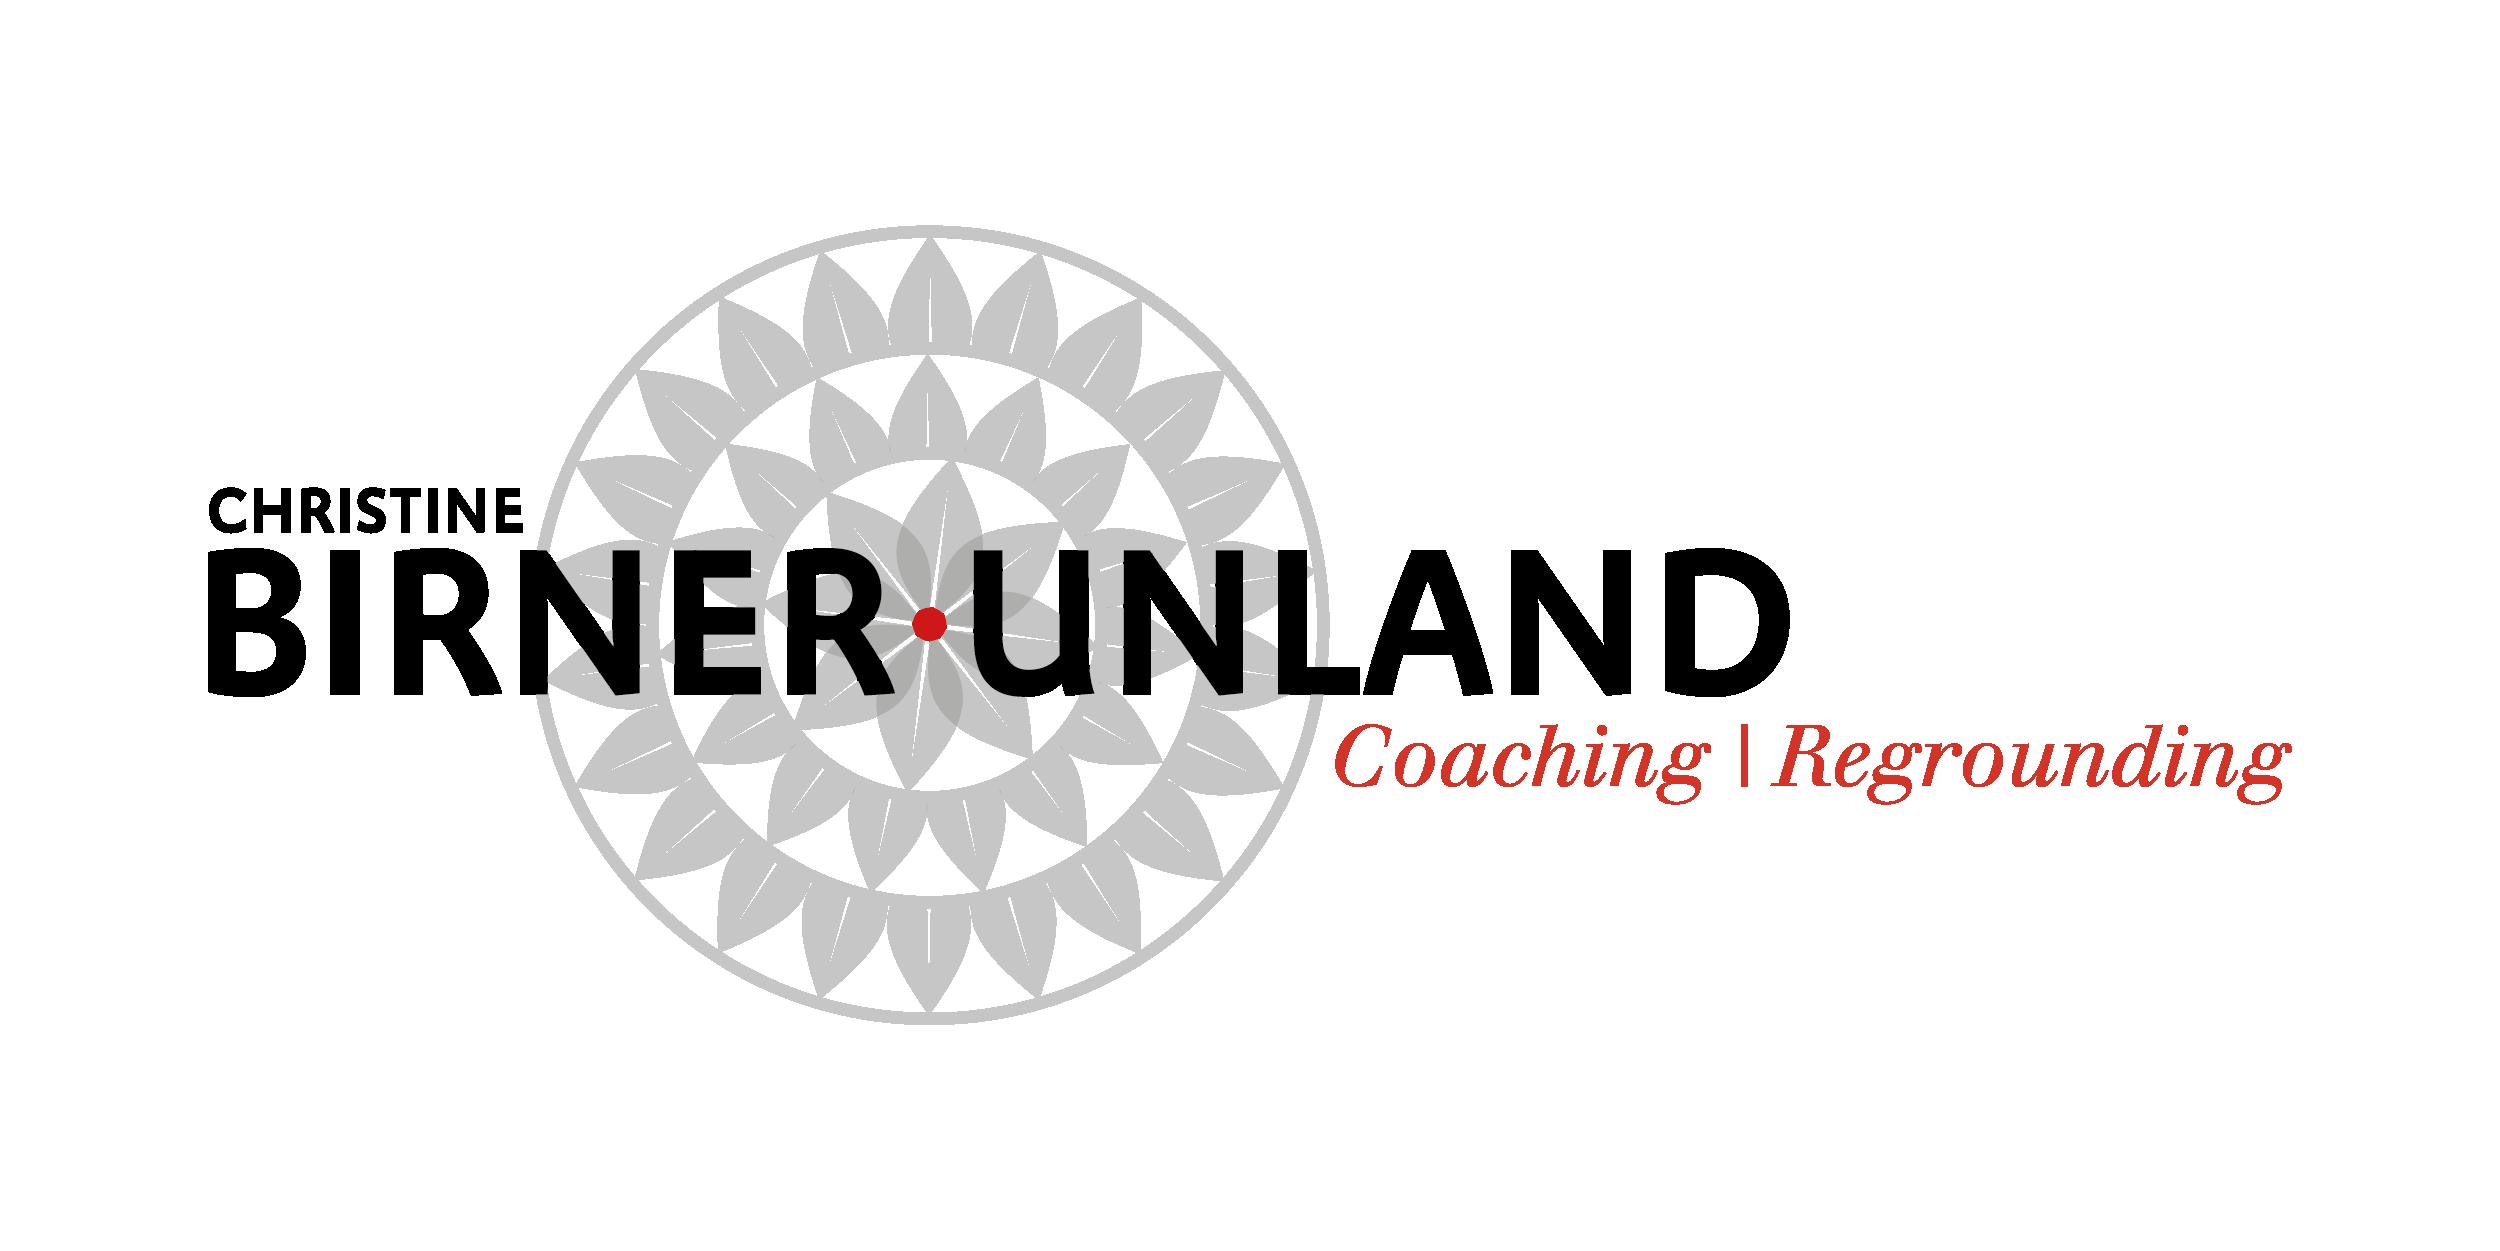 Christine Birner-Unland - Coaching / Regrounding